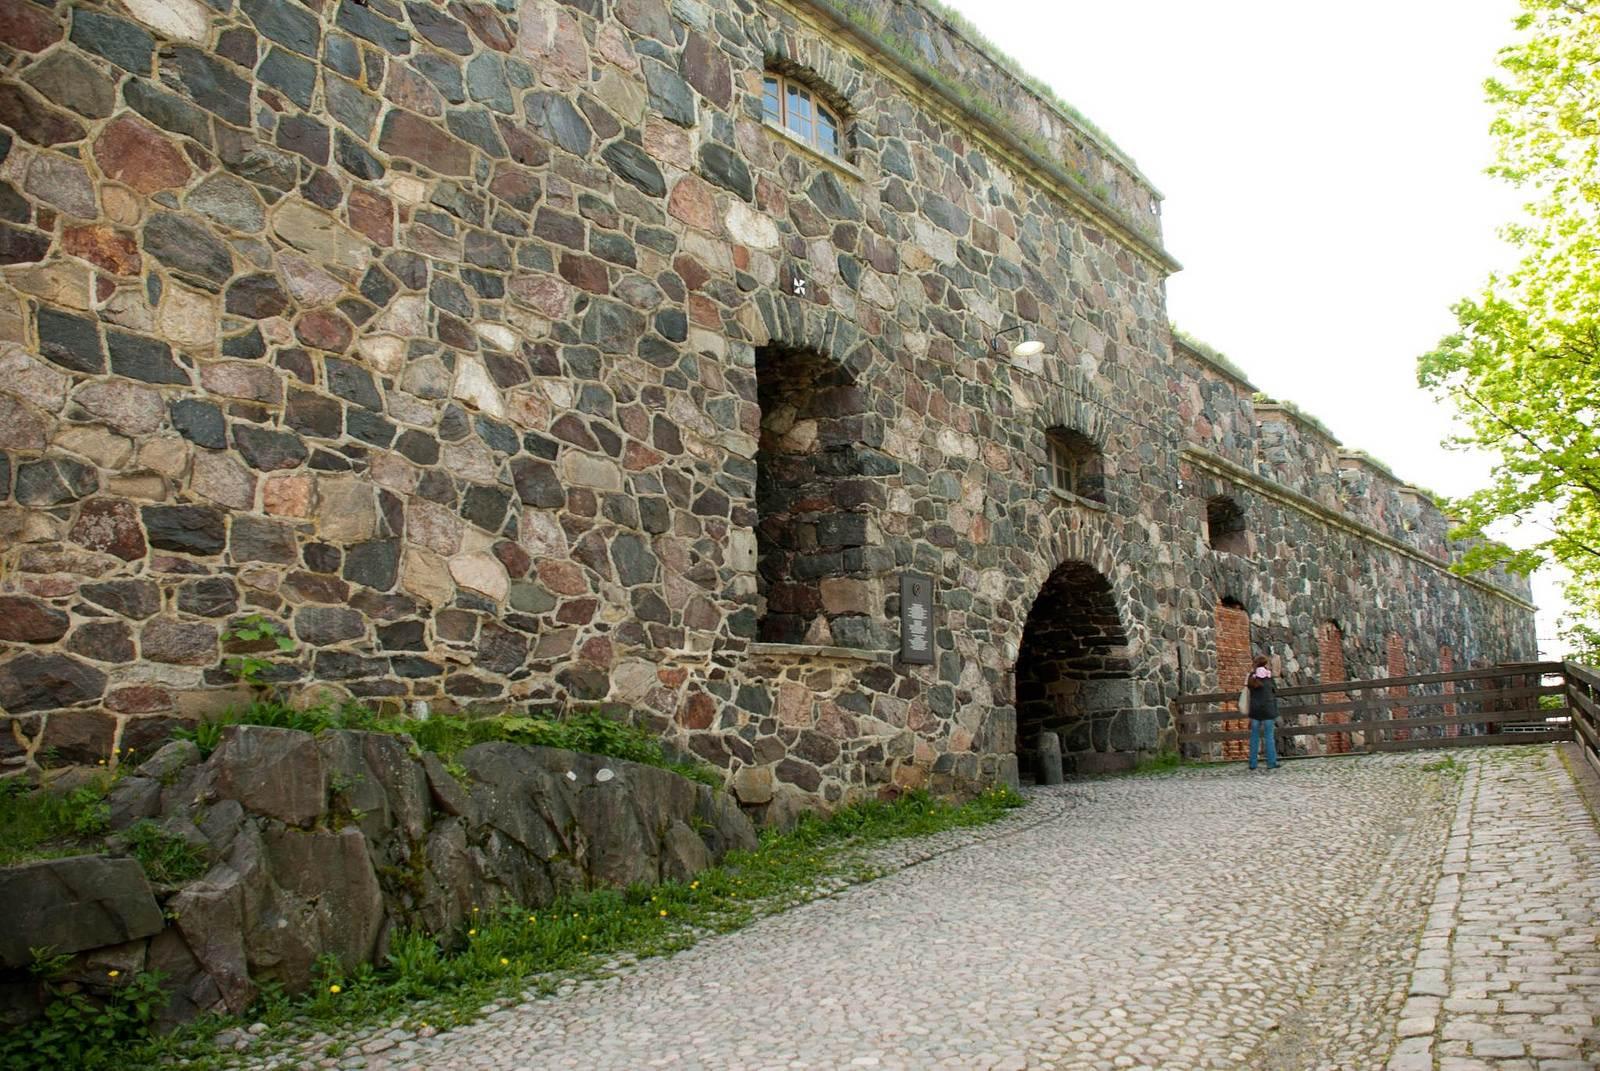 suomenlinna4 The Sea Fortress of Suomenlinna, Finland